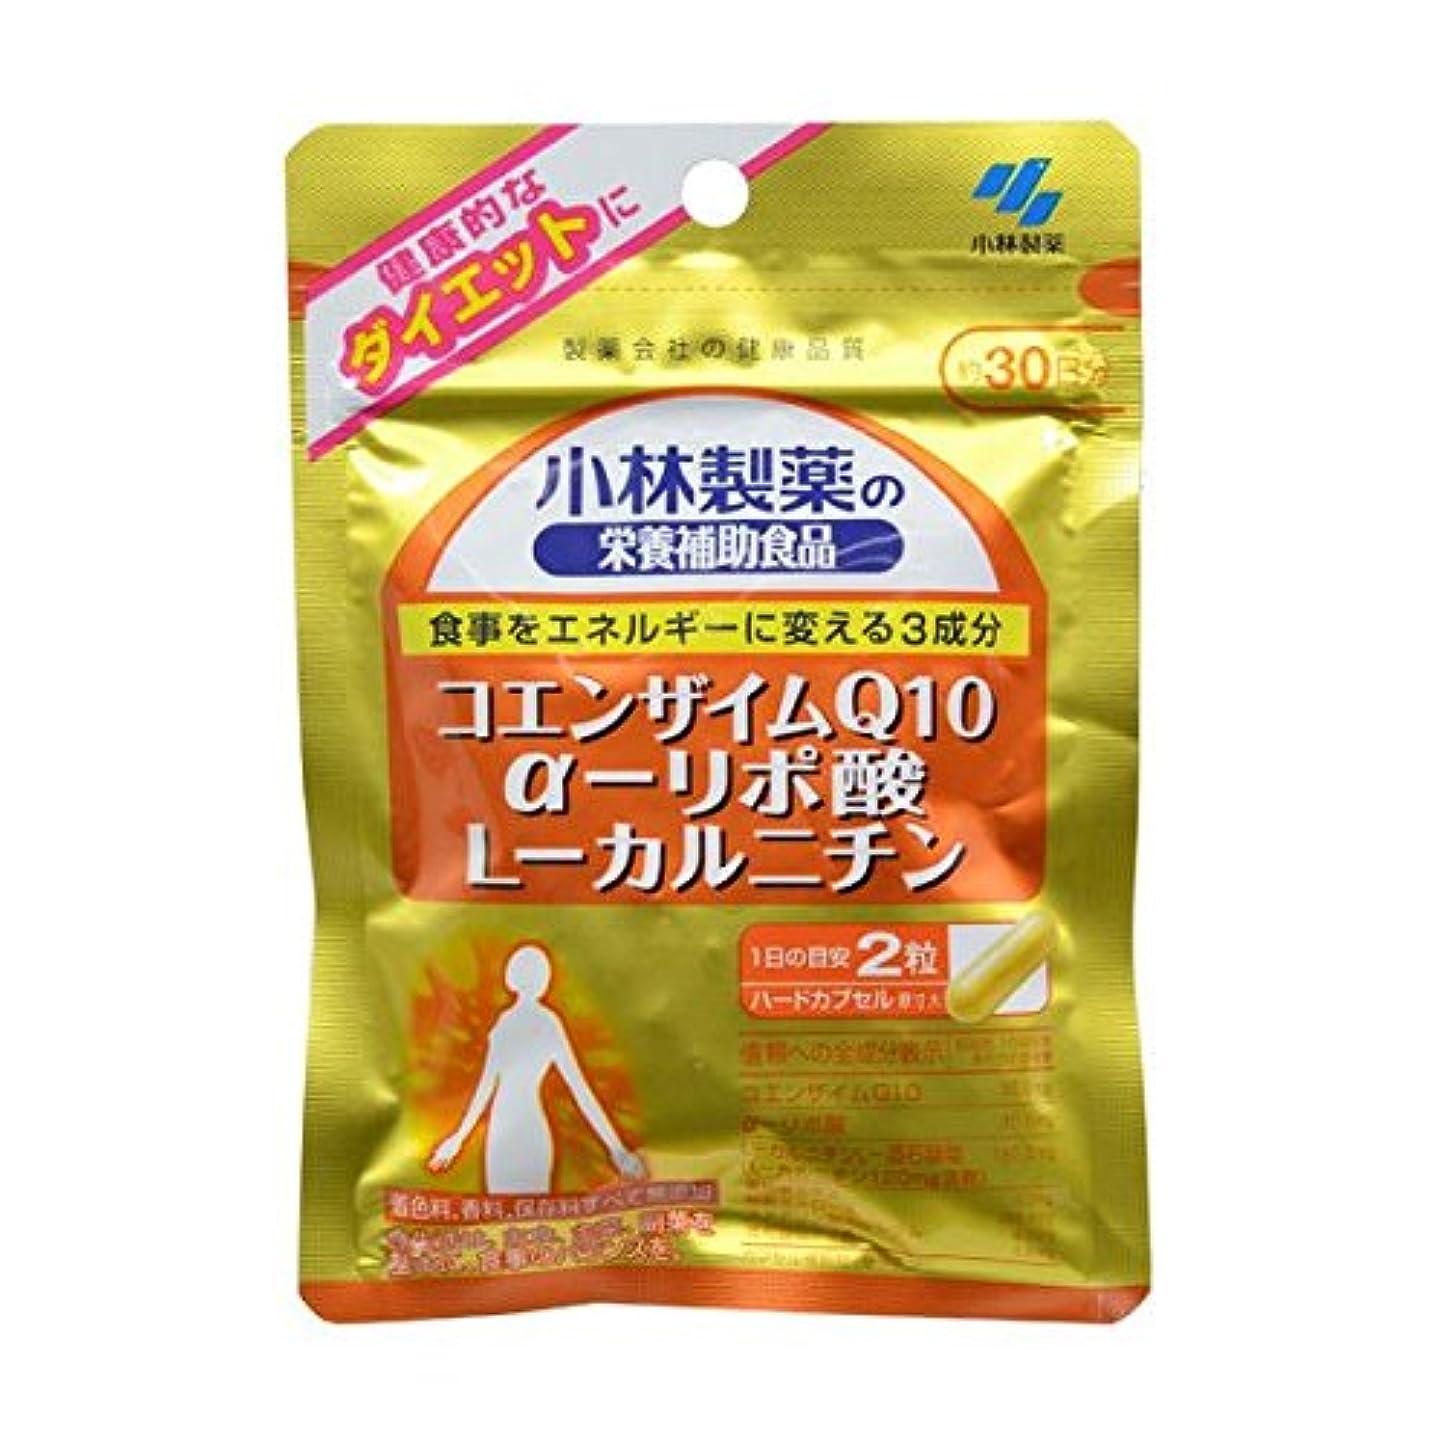 インデックス環境に優しい小林製薬 小林製薬の栄養補助食品コエンザイムQ10α-リポ酸L-カルニチン60粒×2